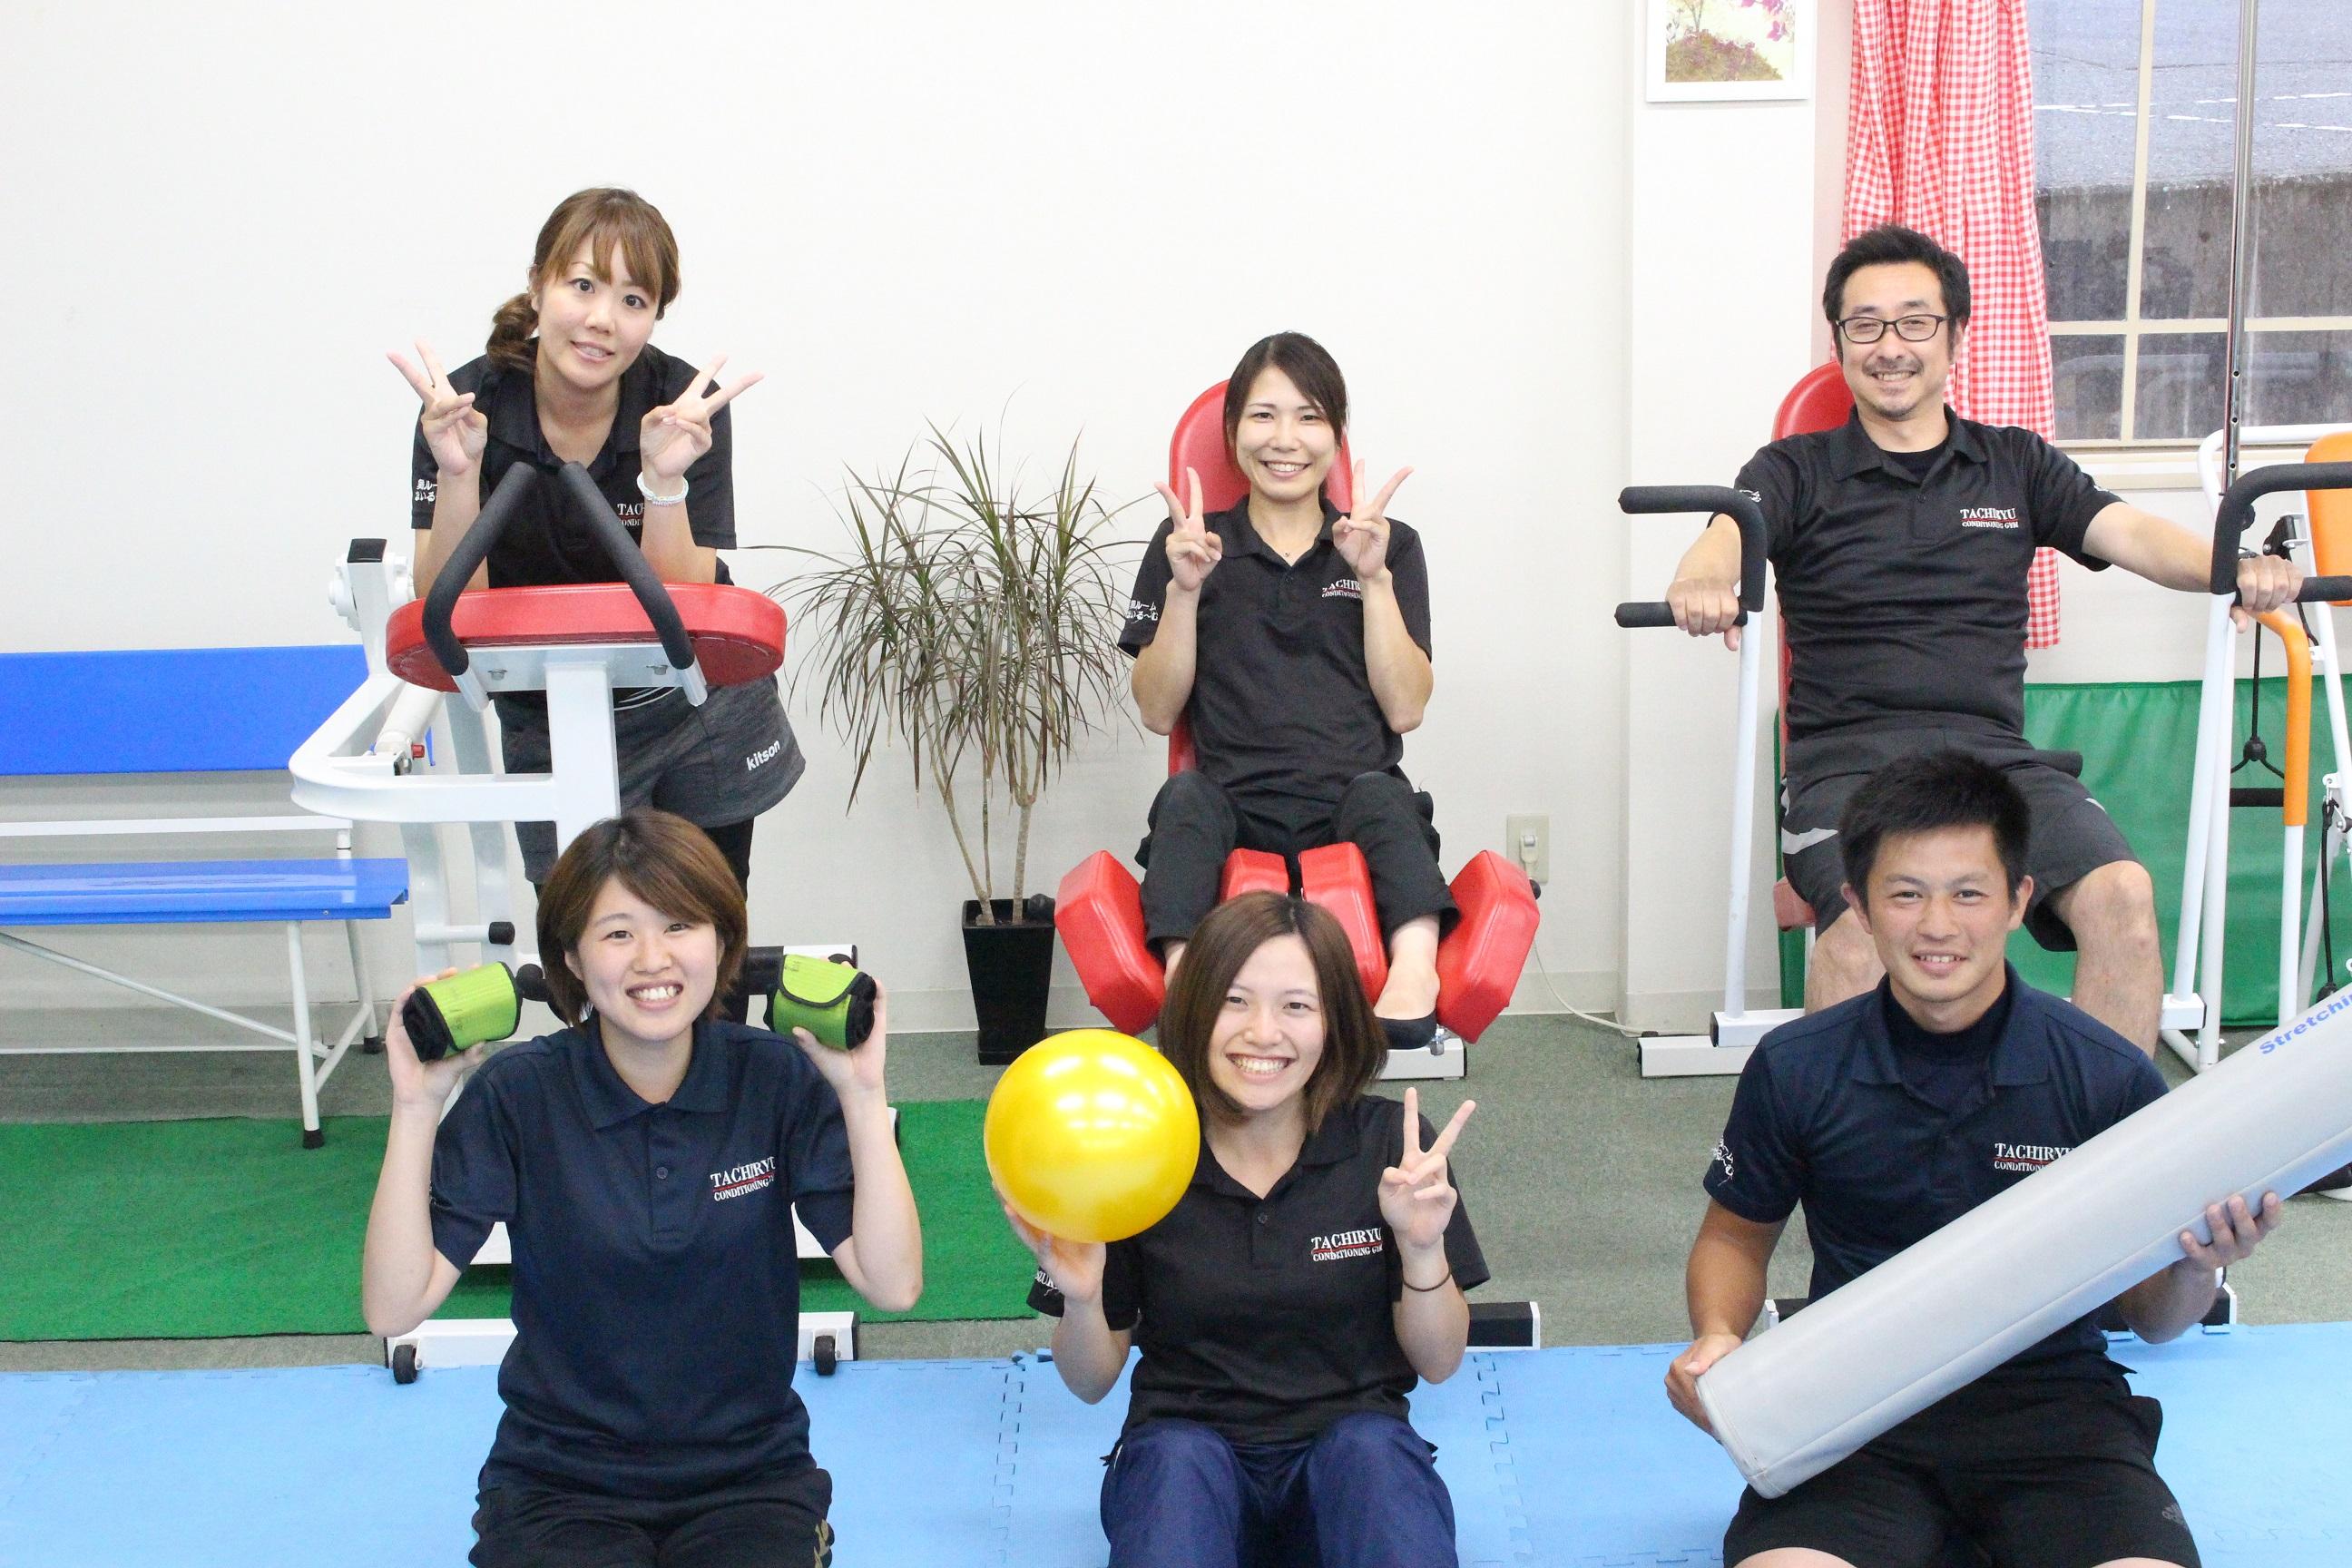 デイサービス 運動特化 運動 体操 熊取